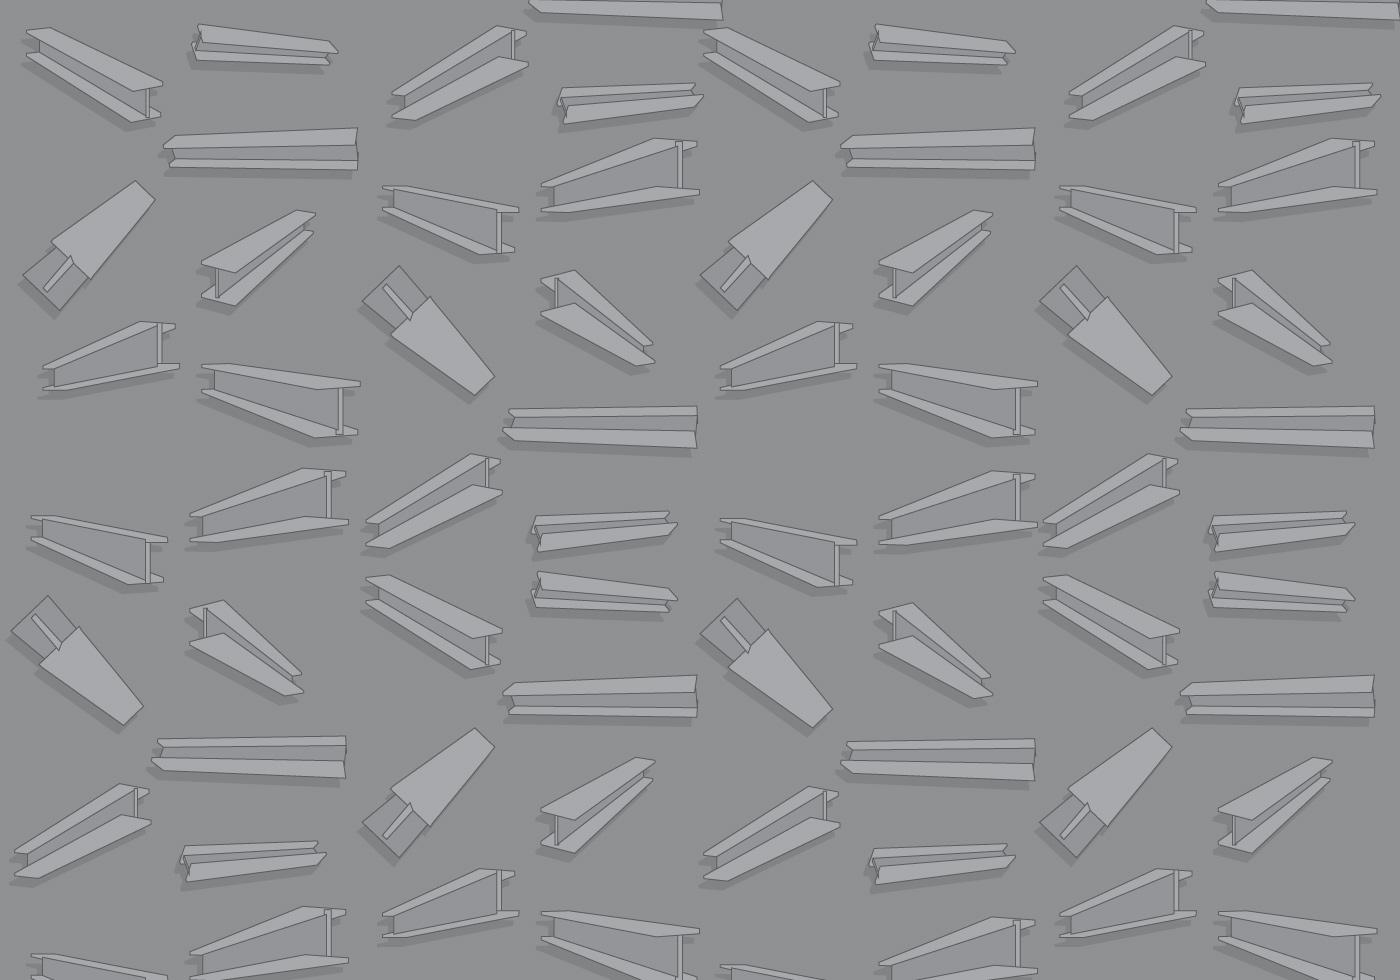 Steel Beam Vectors Download Free Vector Art Stock